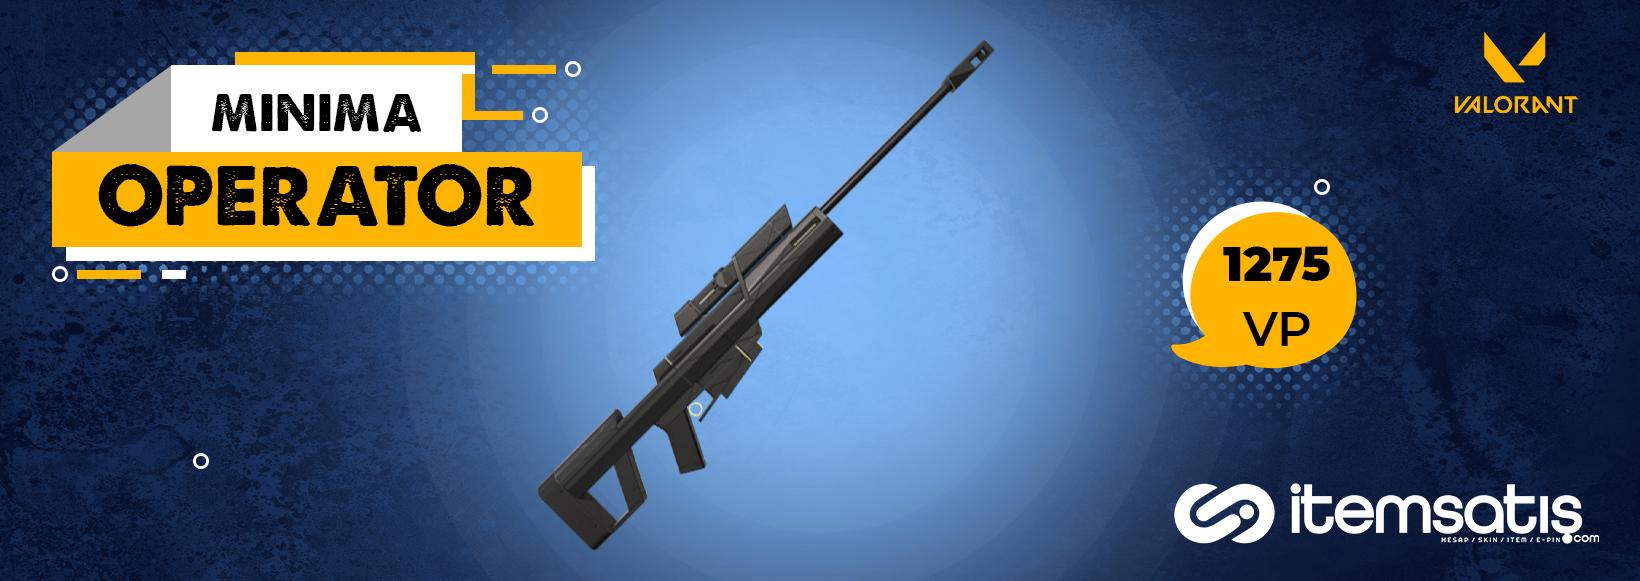 VALORANT Operatör Silahı Tüm Skinleri